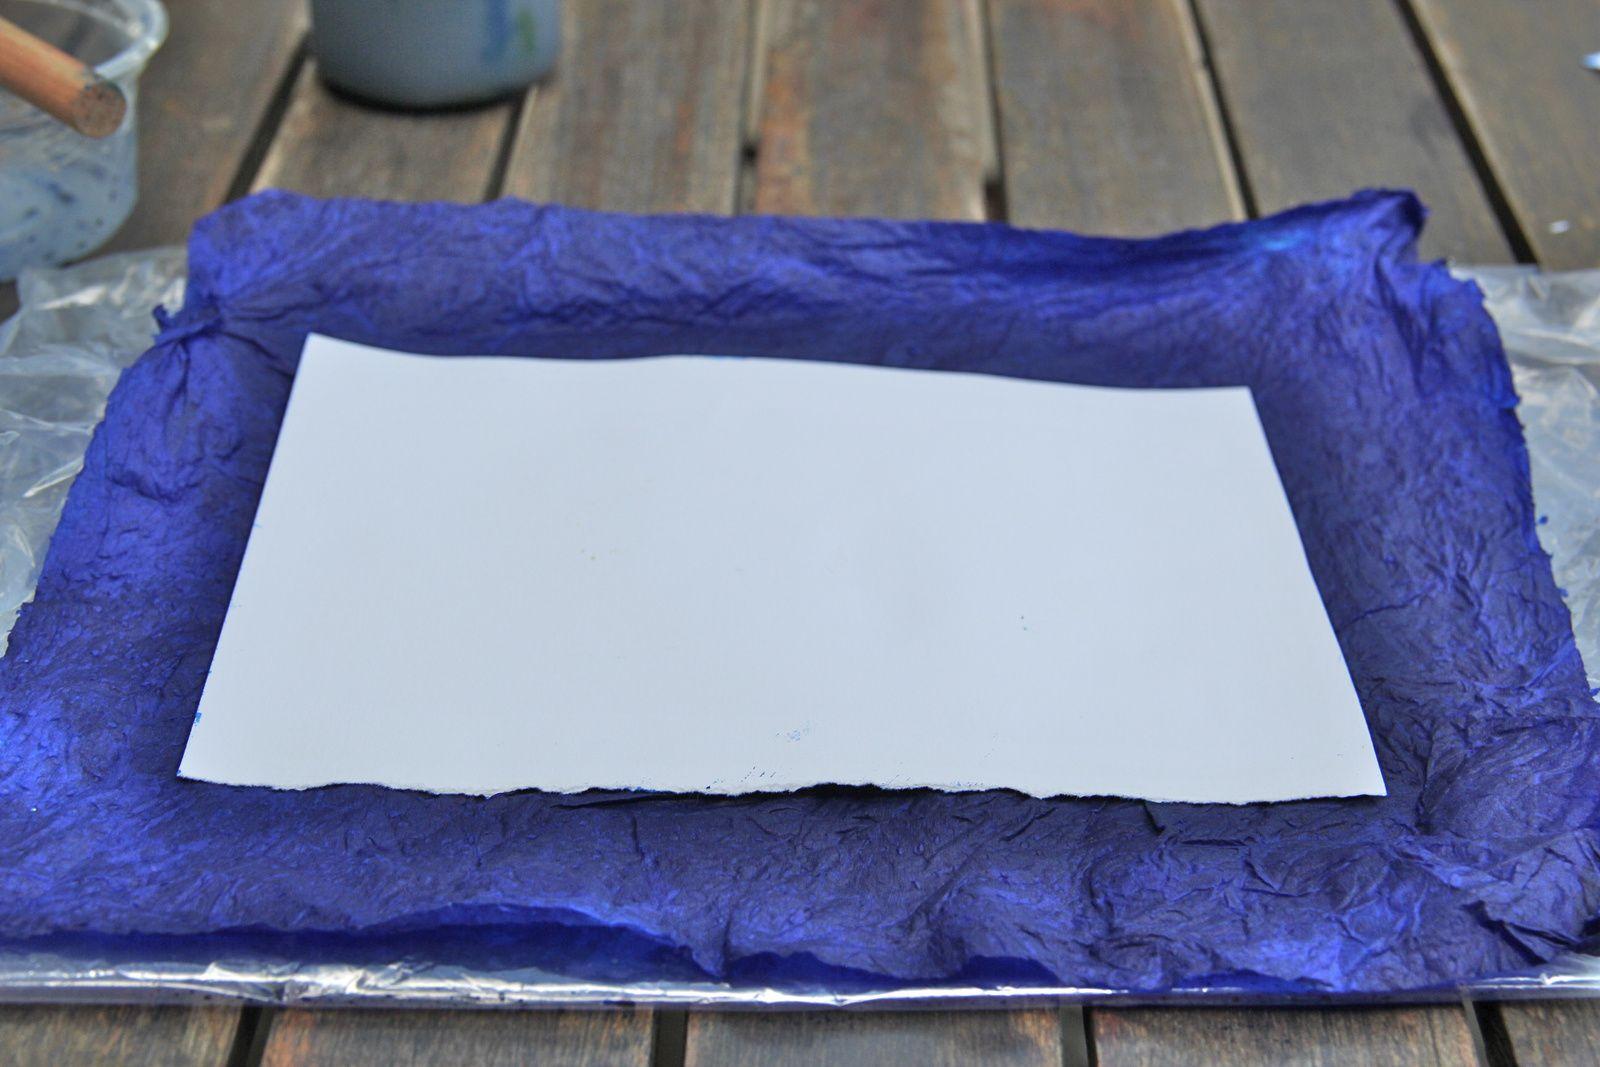 Vous pouvez aussi faire le contraire : poser l'essuie-tout imbibé d'encre sur la feuille mais c'est plus délicat à réaliser